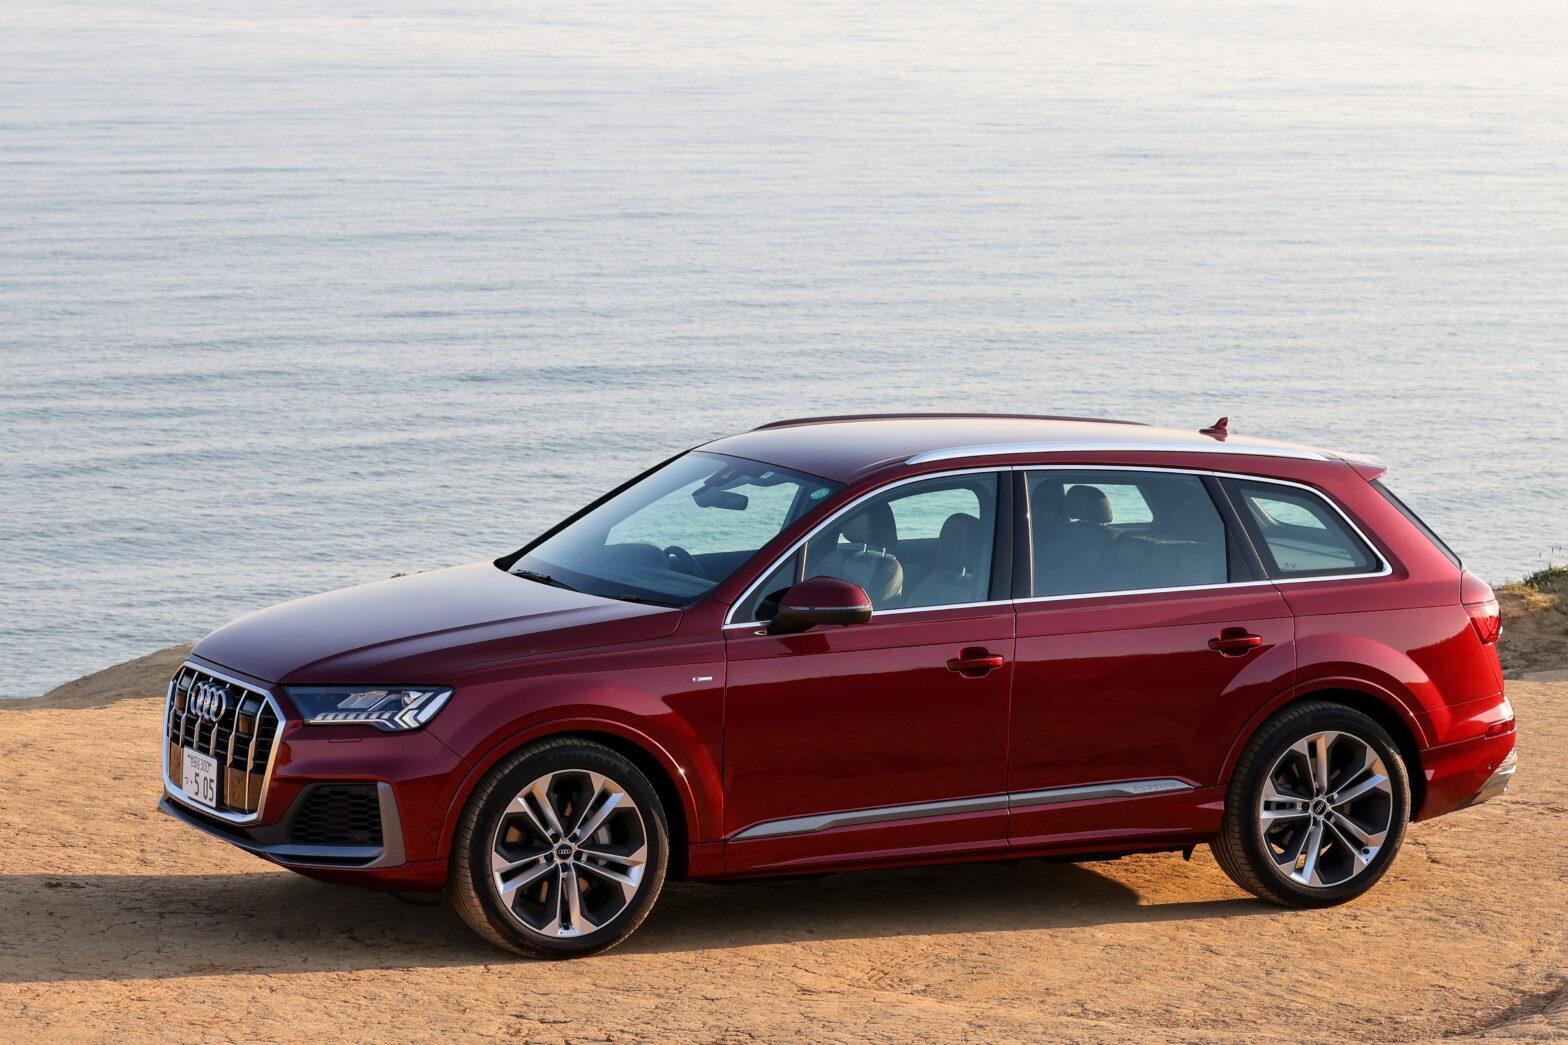 新型アウディ Q7 3代目へフルモデルチェンジ、国内発売開始!スタイリッシュ高級SUV